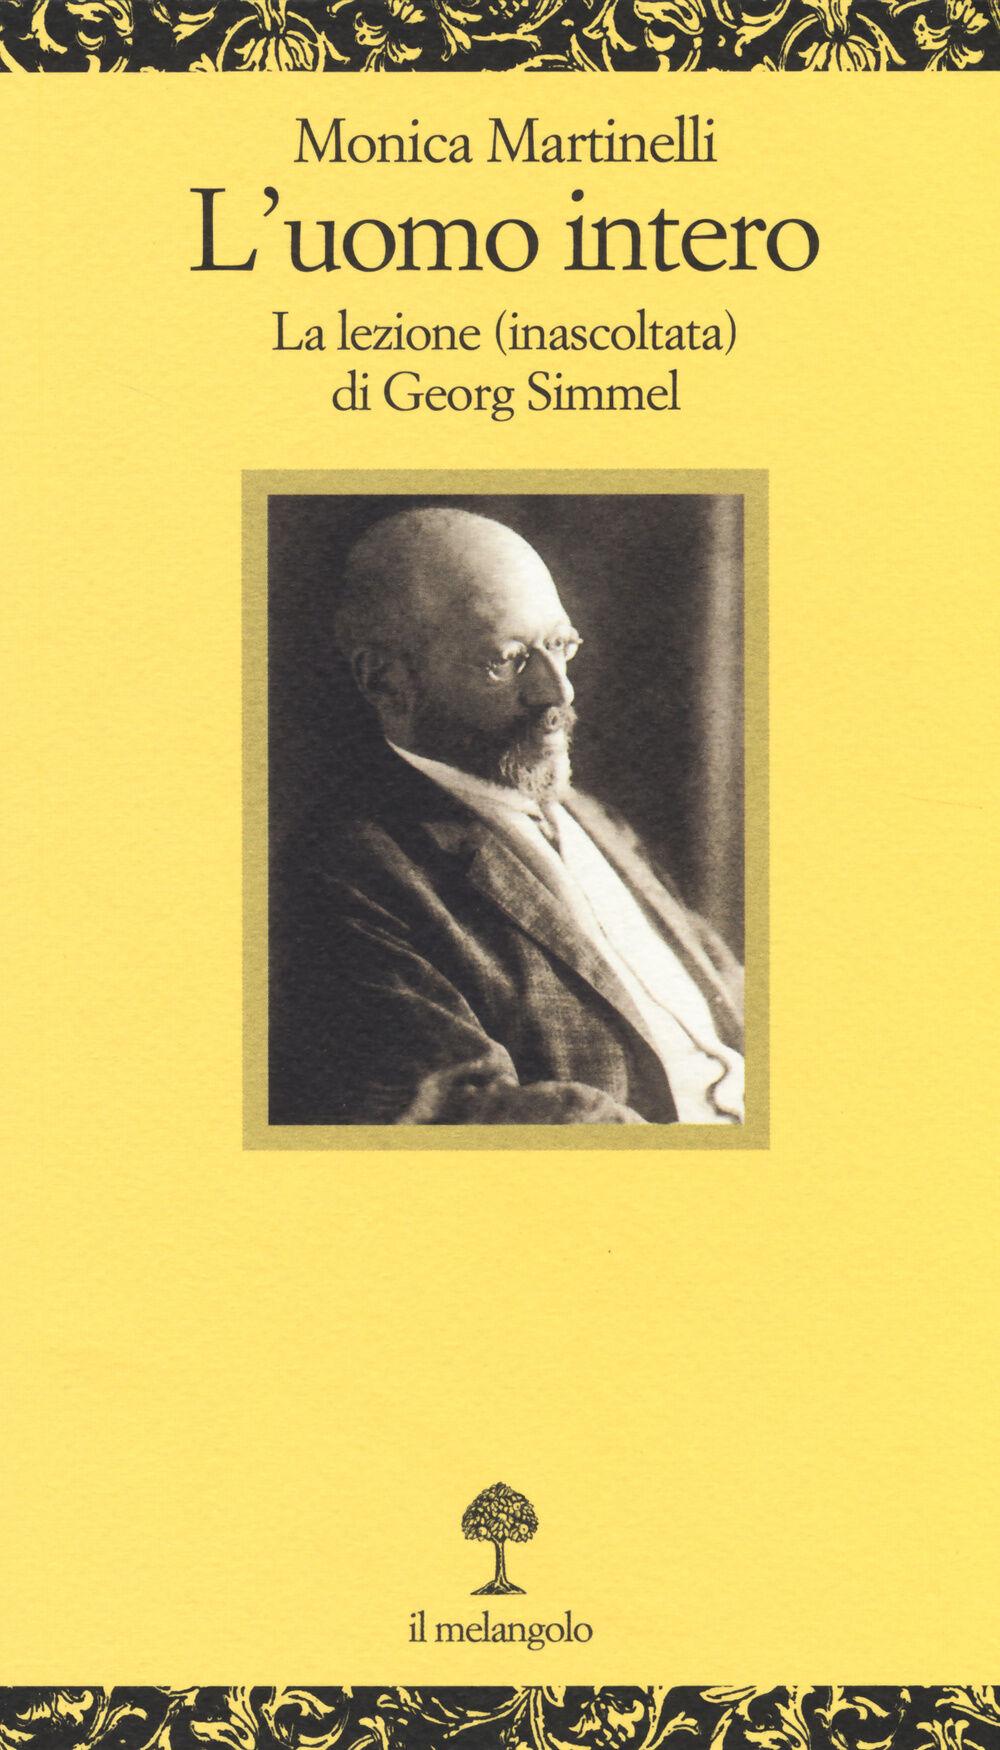 L' uomo intero. La lezione (inascoltata) di Georg Simmel